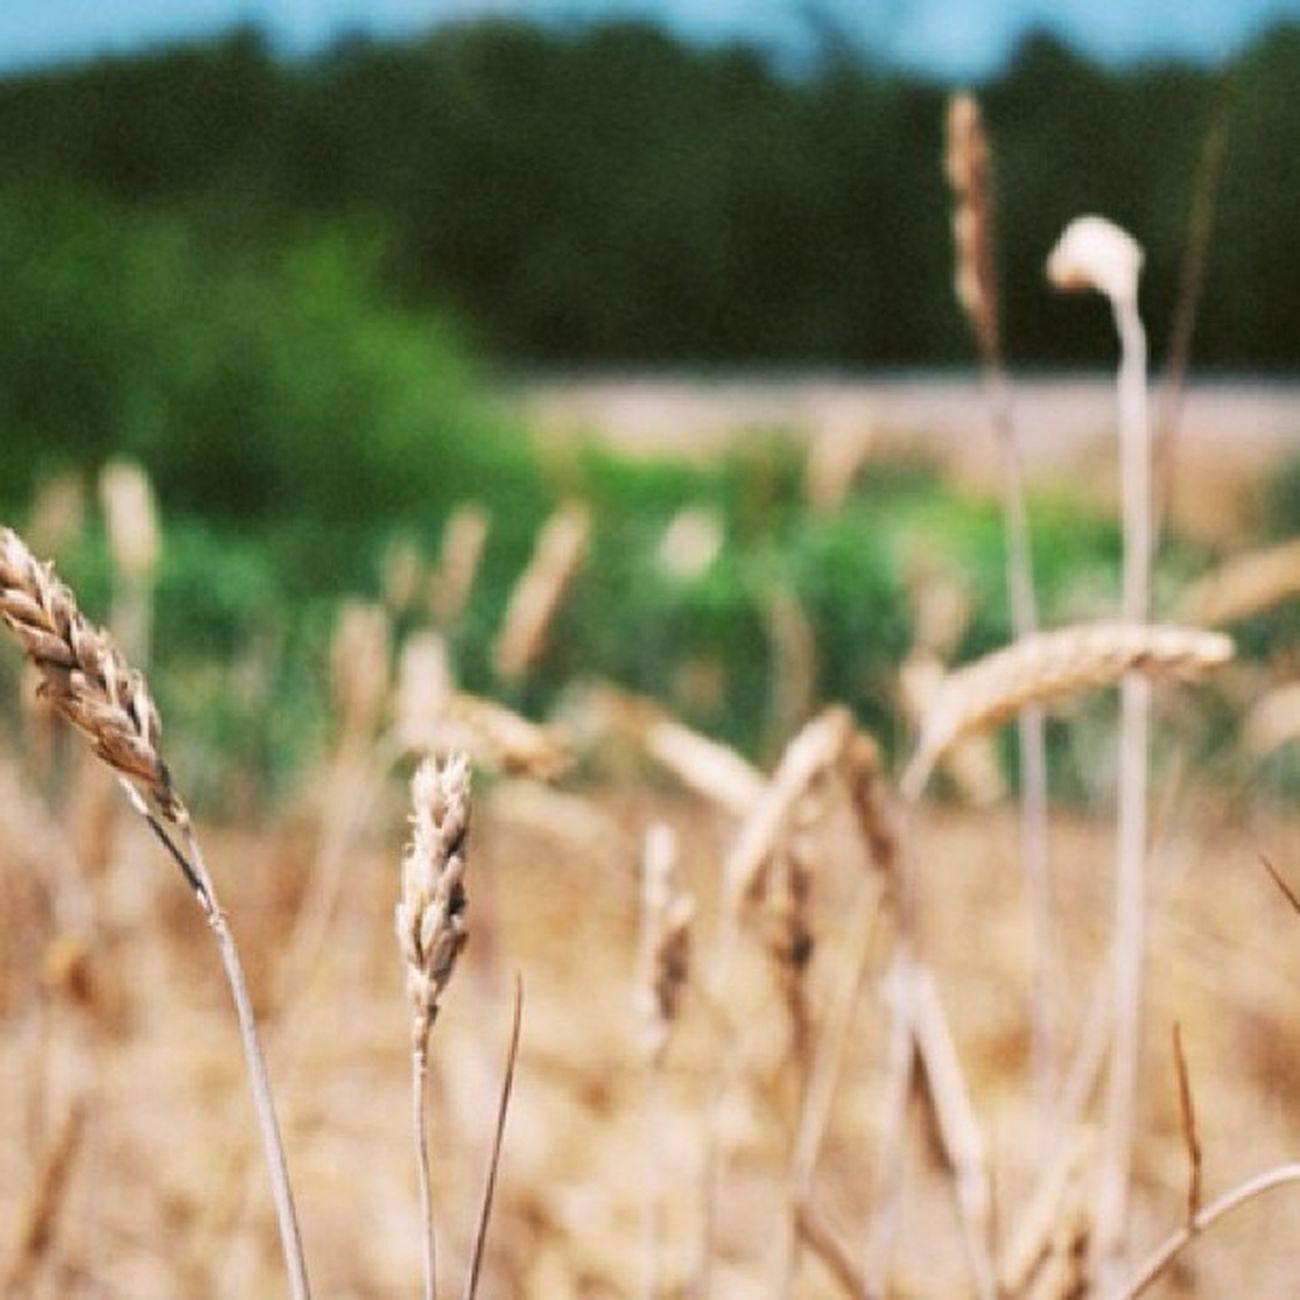 Farmlife Farm Hughsonca Denairca camerabag2 samsungnx300 instahub webstagram adventure hughson denair bfe california abandoned old